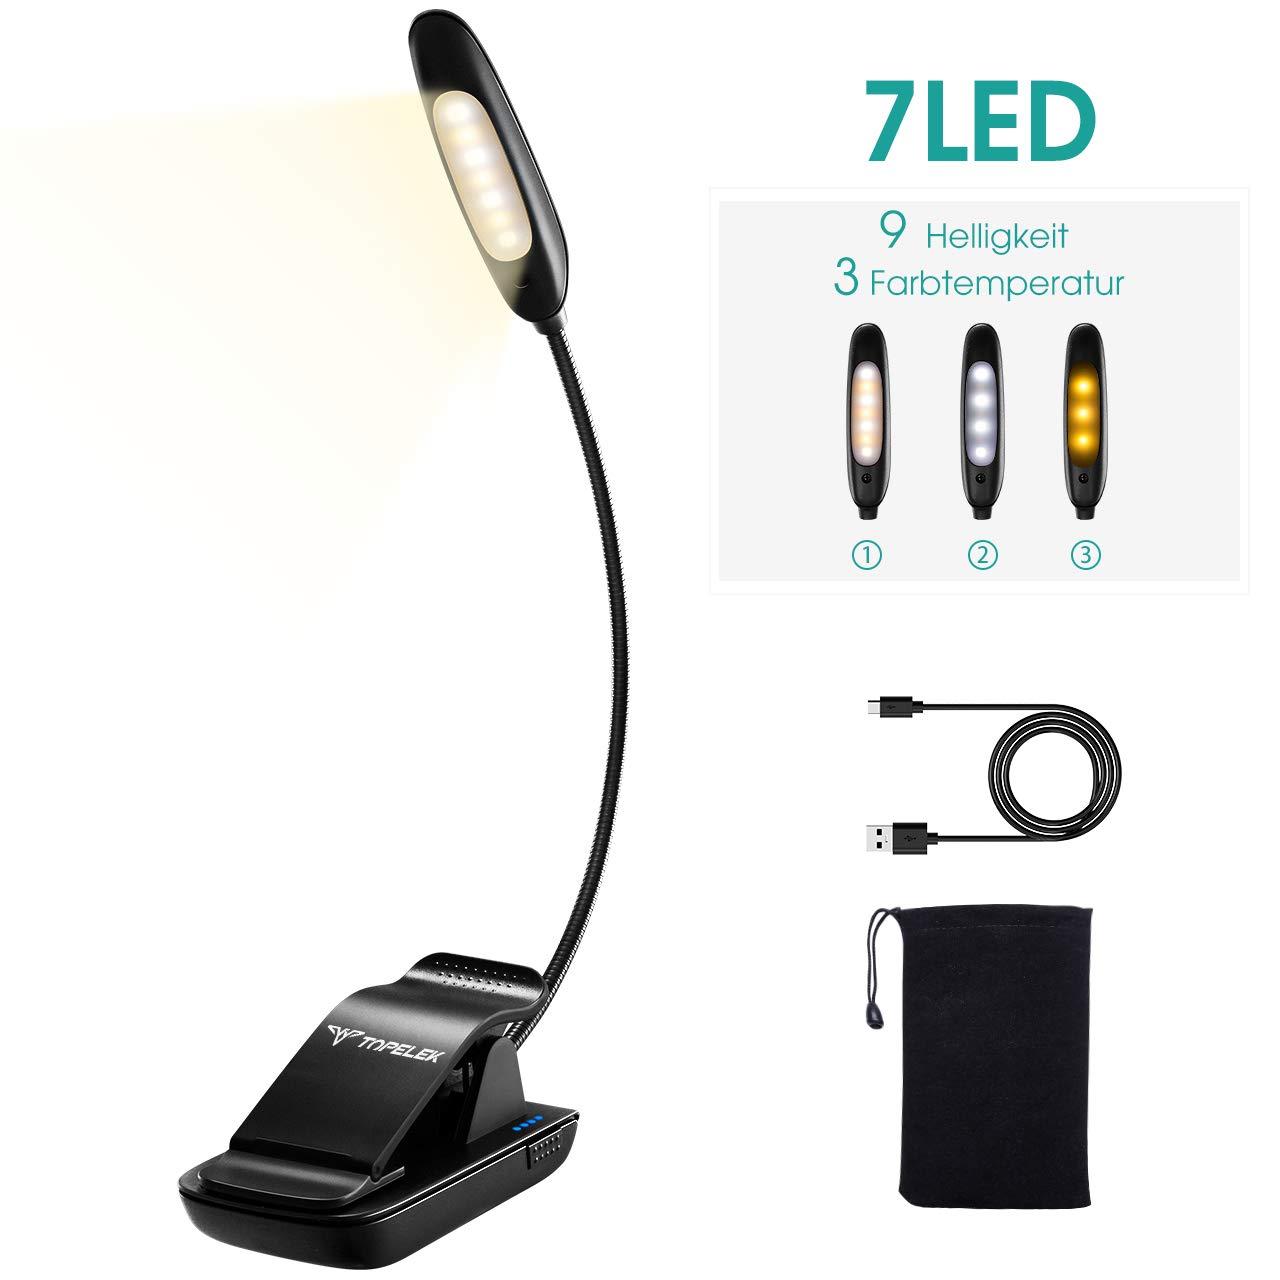 Leselampe Buch Klemme TOPELEK 7 LED Buchlampe, LED Klemmleuchte mit 3 Farbtemperatur und 3 Helligkeitseinstellungen, 360° Flexibel und USB Wiederaufladbare LED Leselampe Klemme, Notenständer lampe mit LED-Betriebsanzeige, Tischlampe kinder für Kindle, Buch